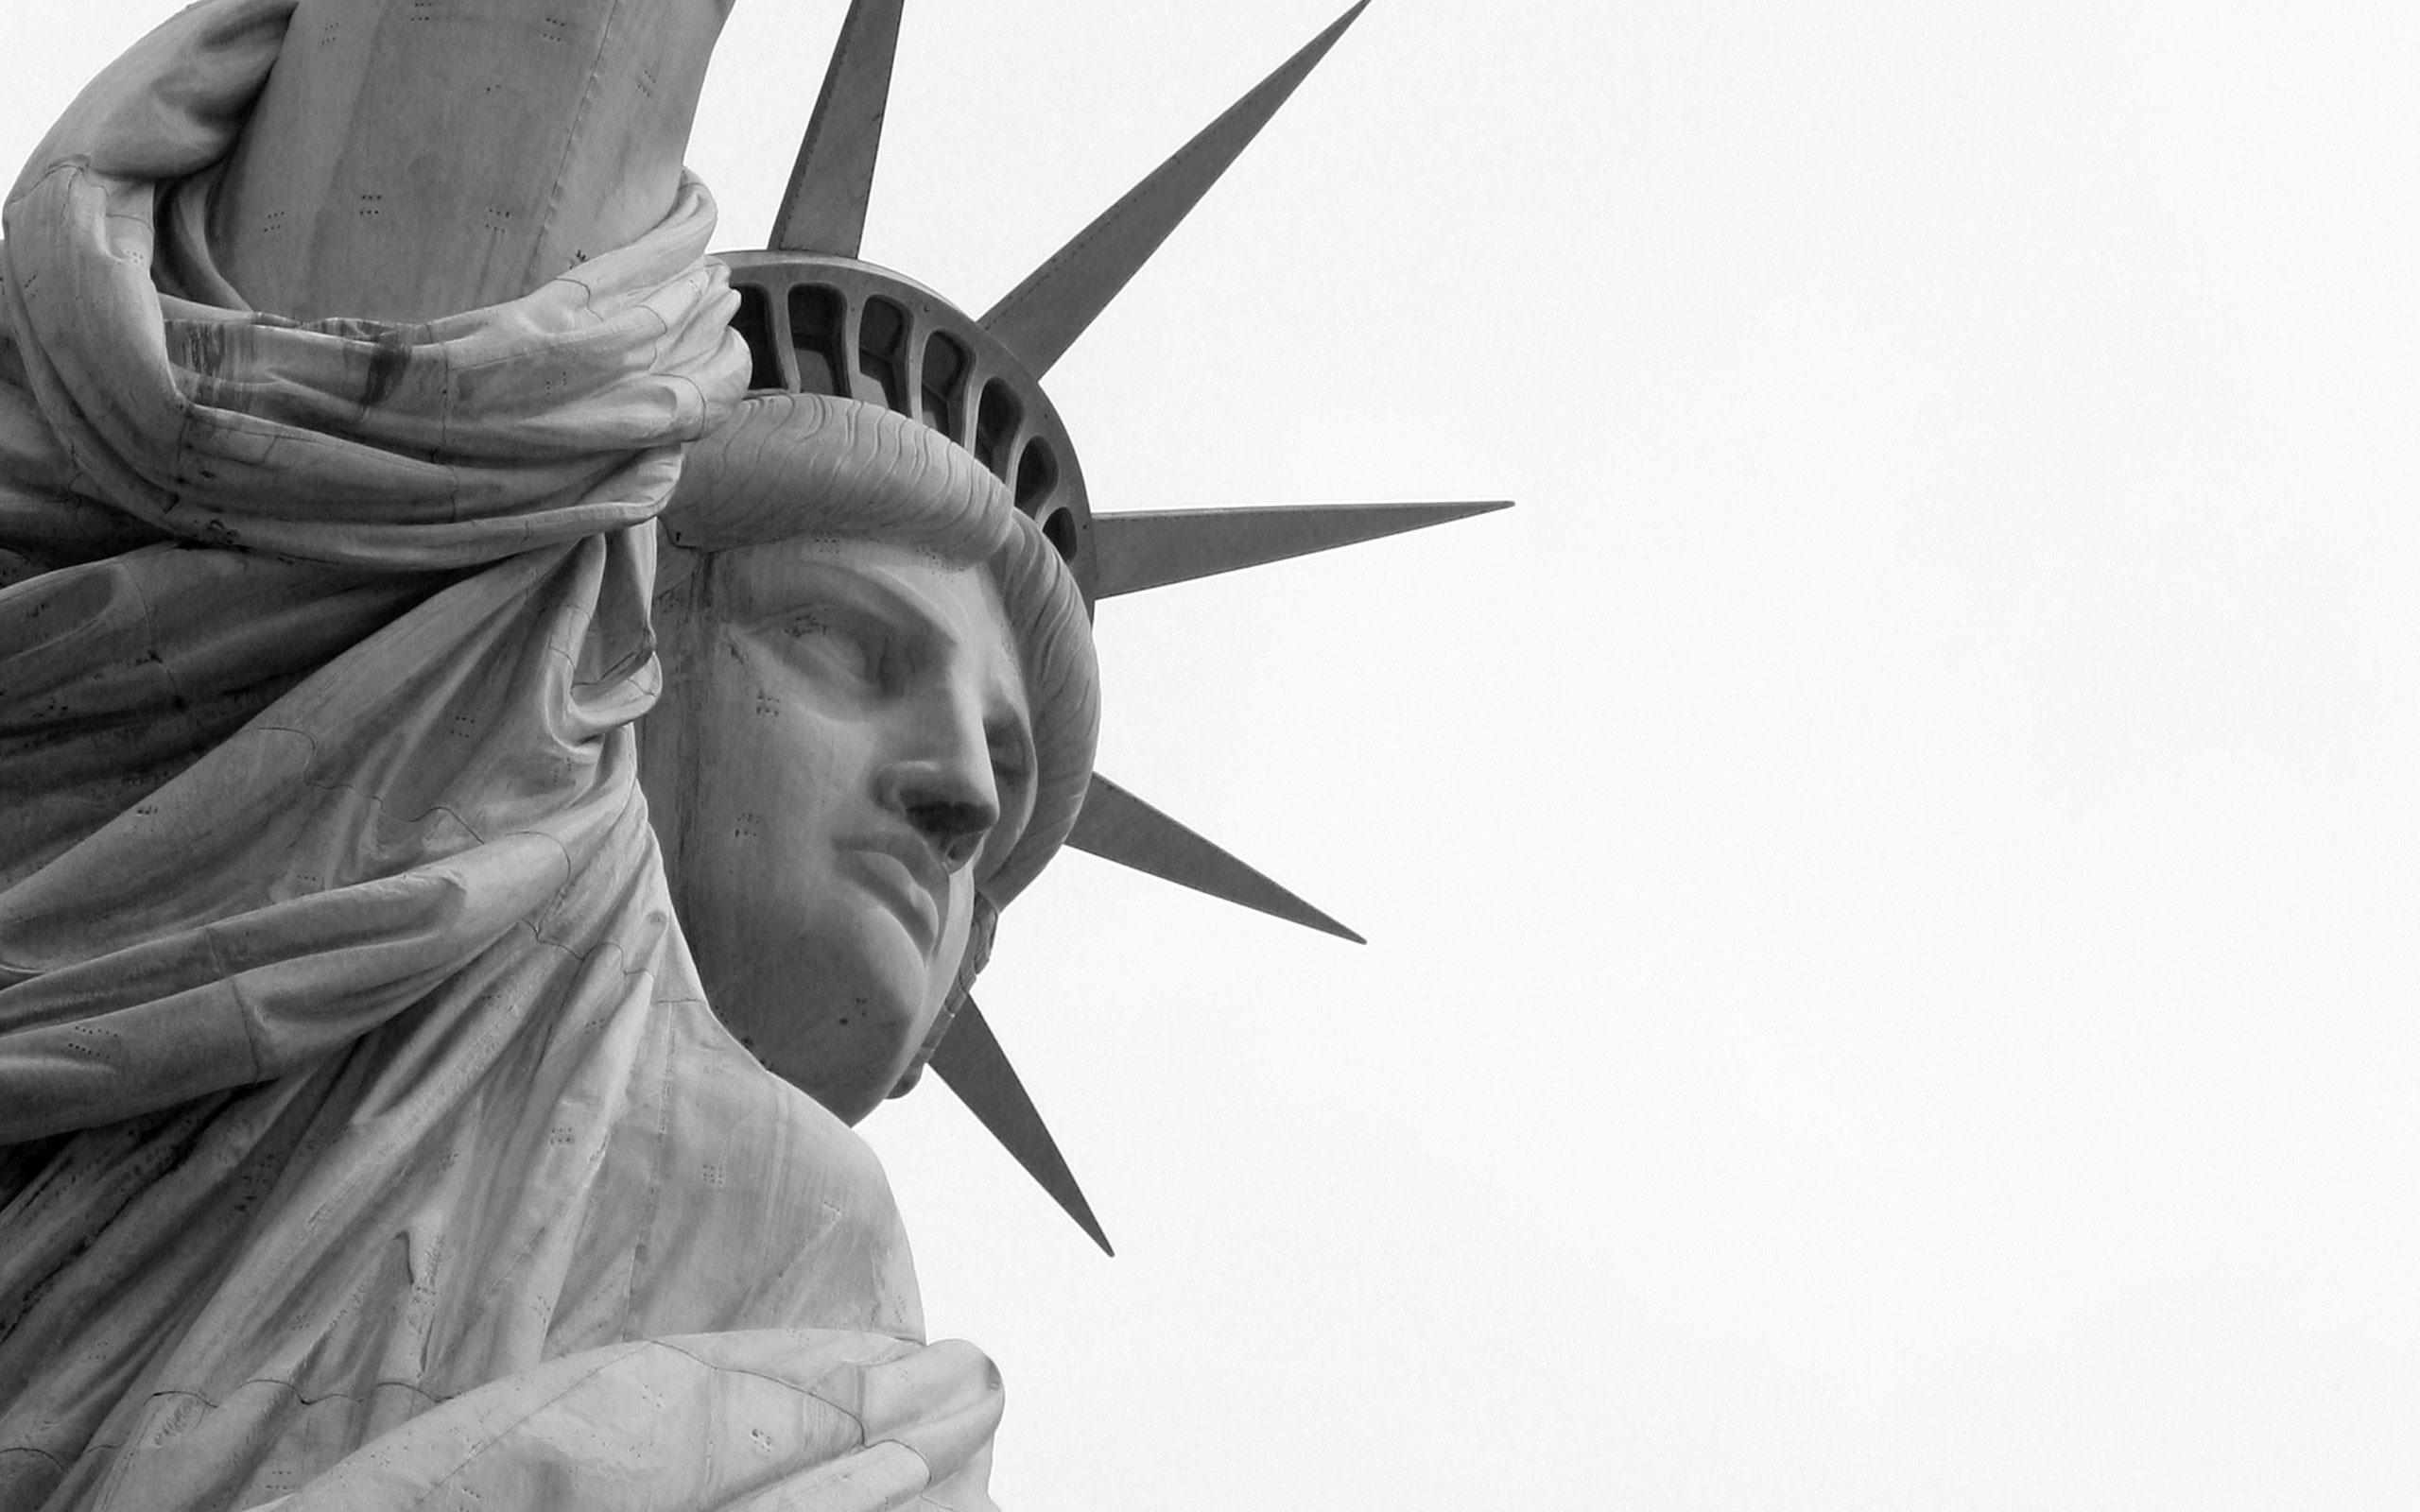 beautiful statue of liberty wallpaper 38289